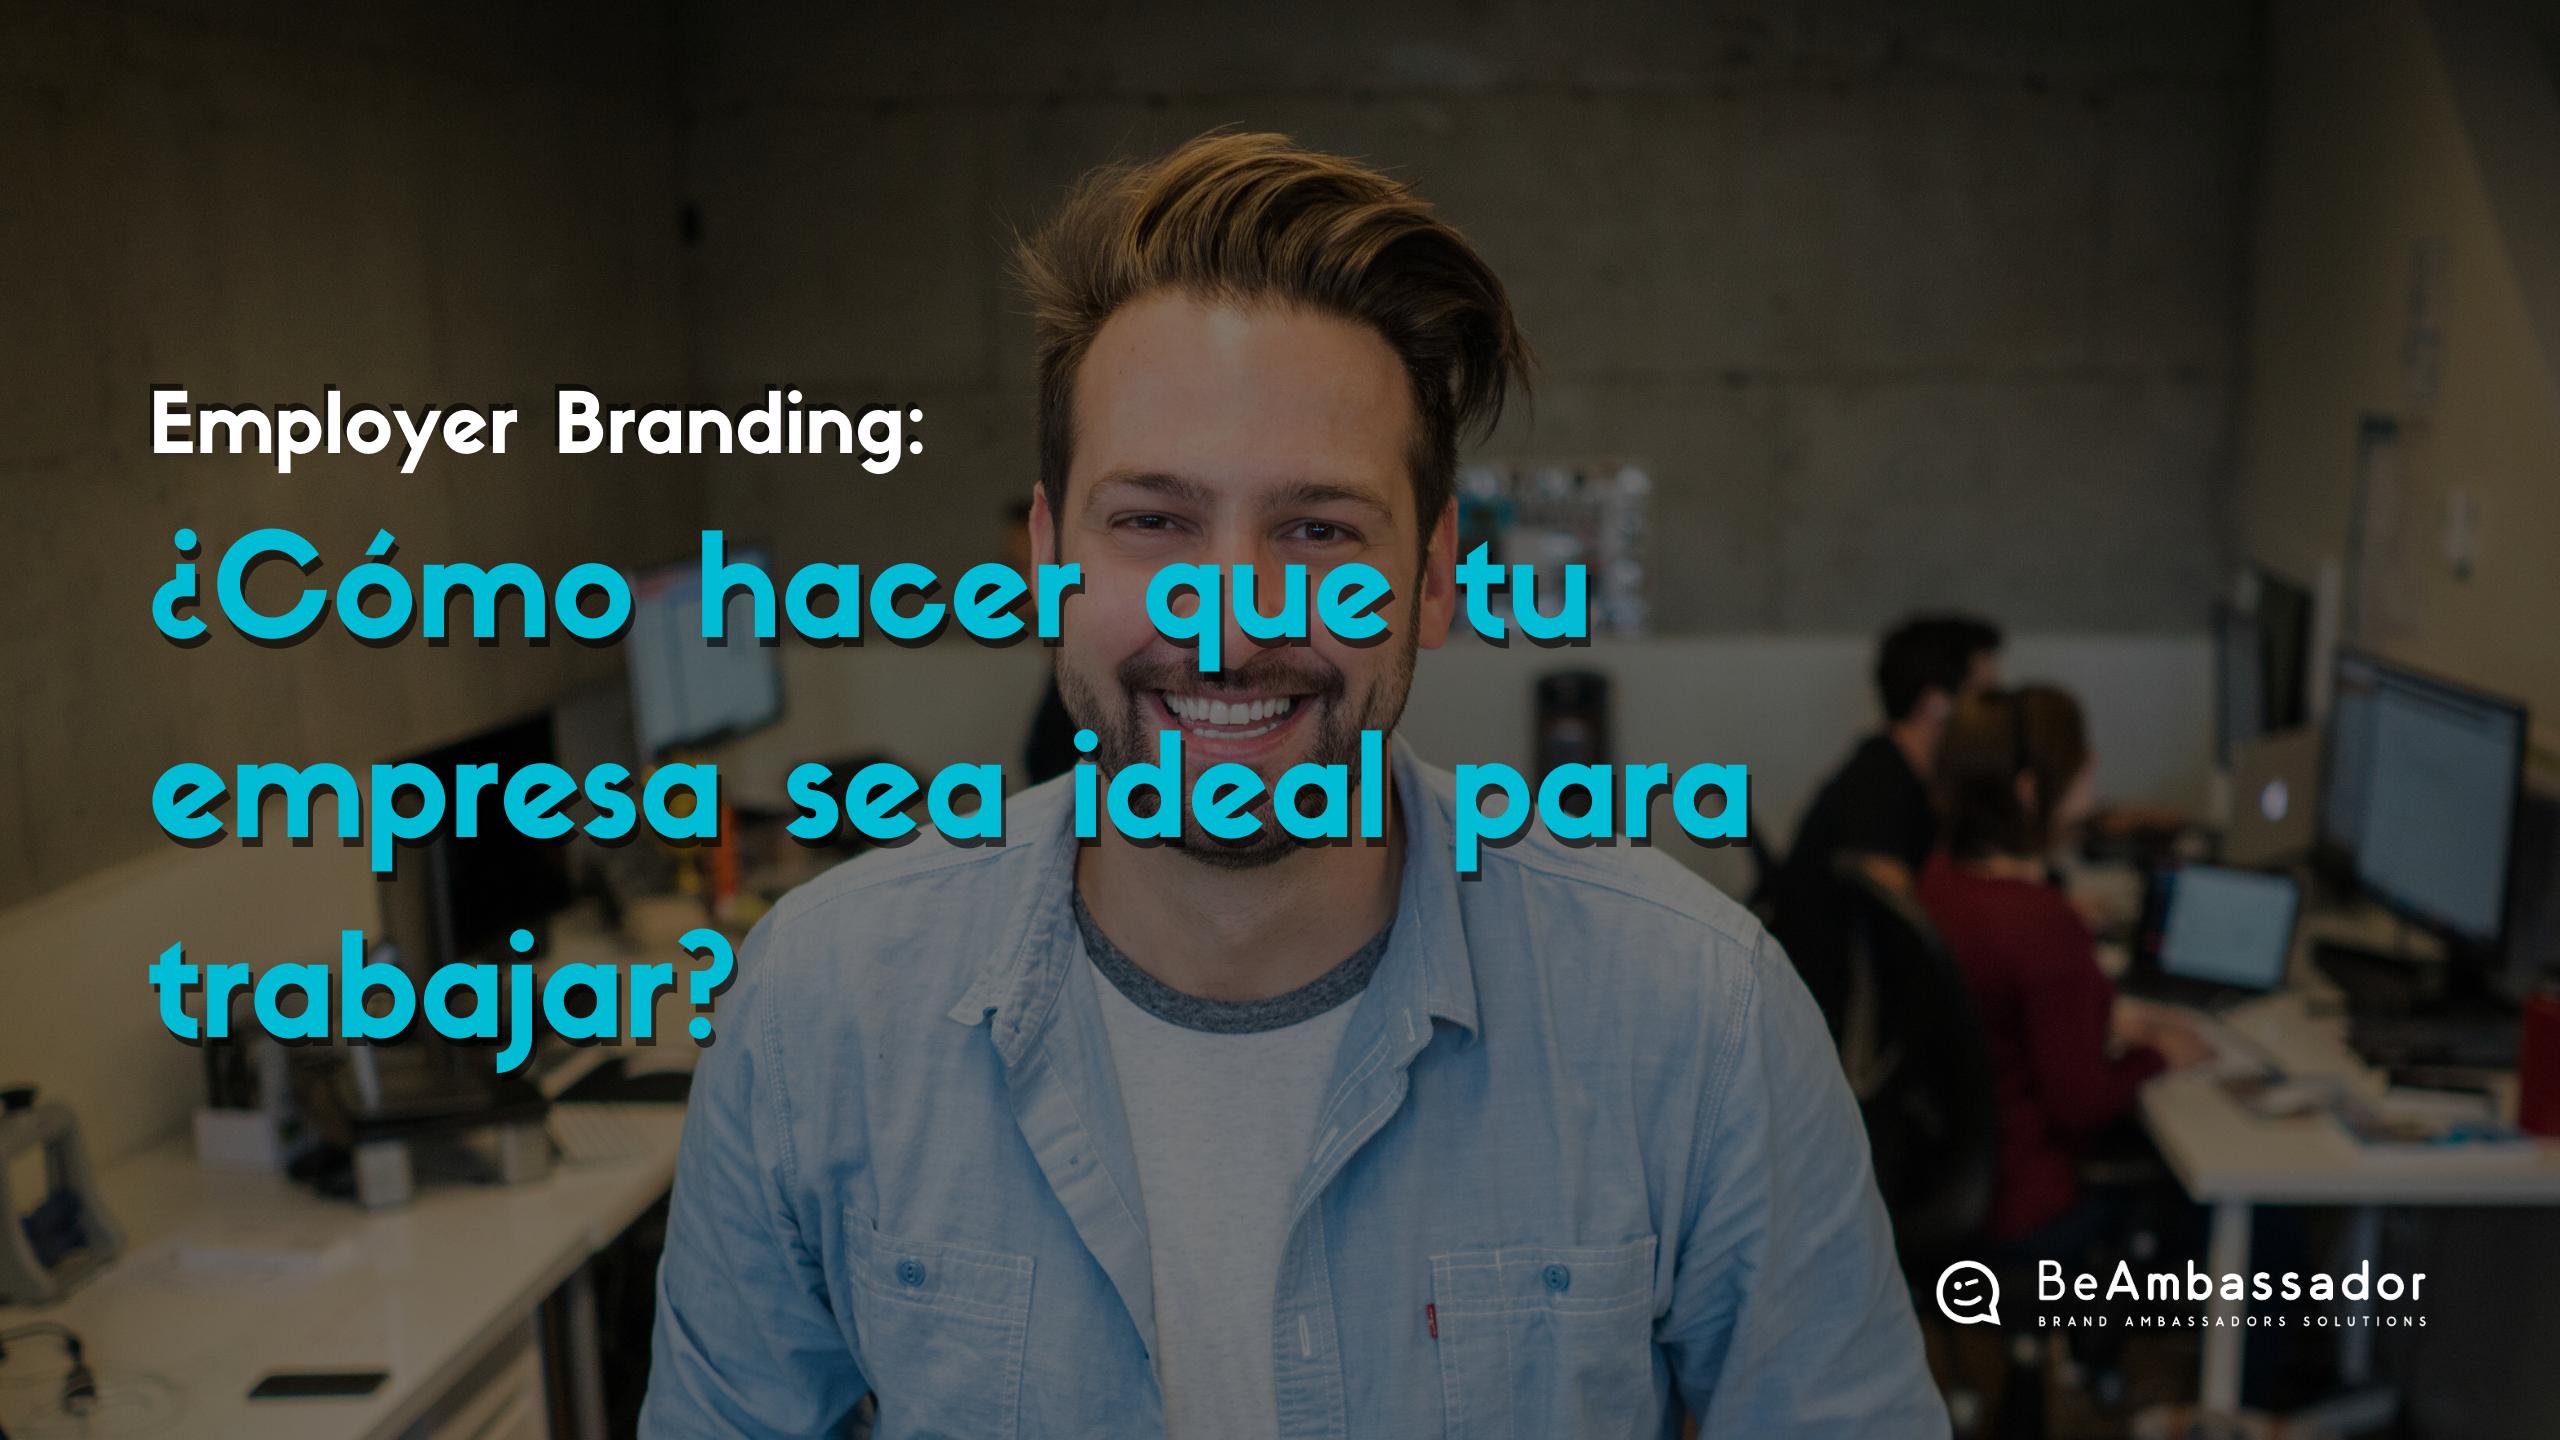 Employer Branding: ¿Cómo hacer que tu empresa sea ideal para trabajar?